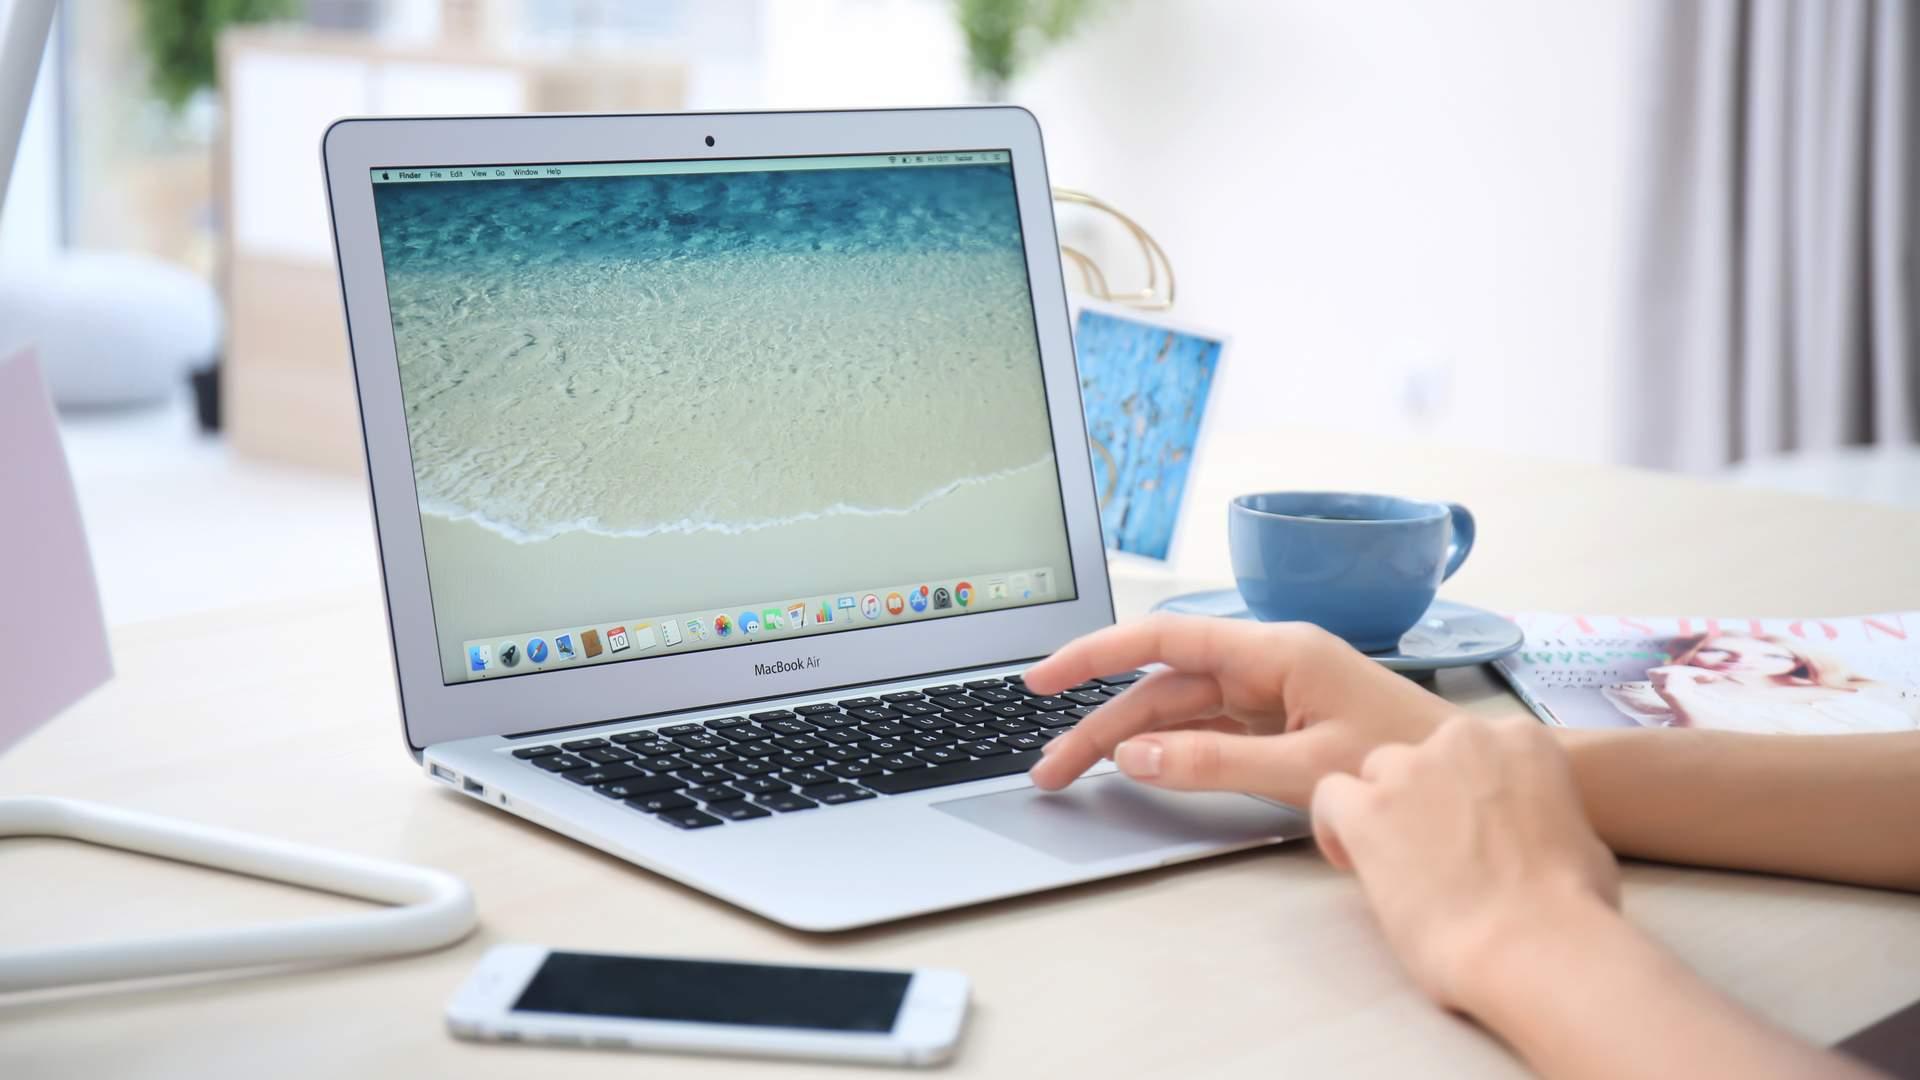 A tela do Macbook Air 2017 não alcança a resolução Full HD, mas chega perto (Shutterstock)